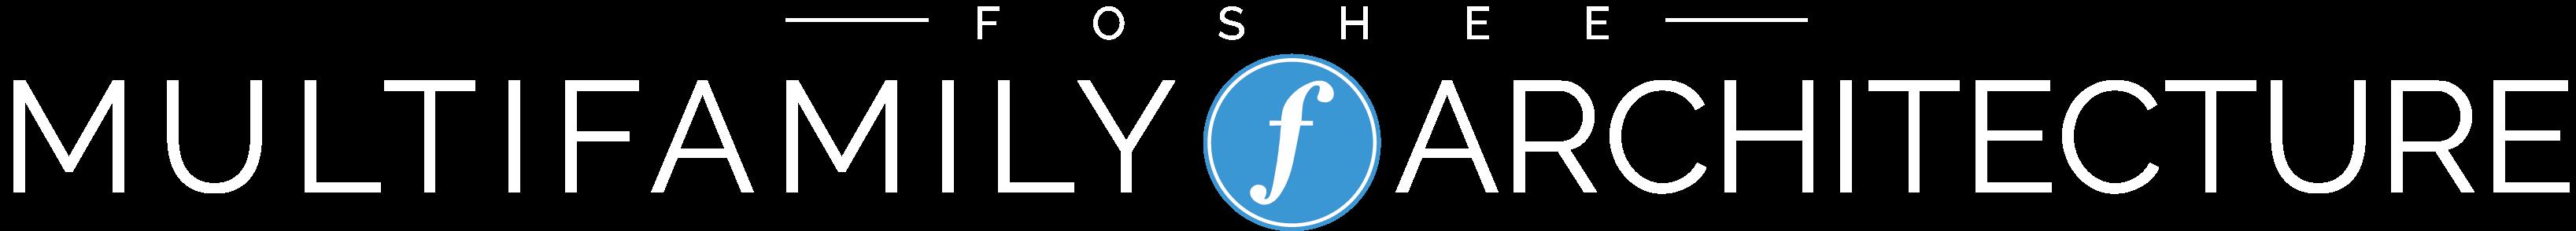 Foshee Multifamily Architecture Logo